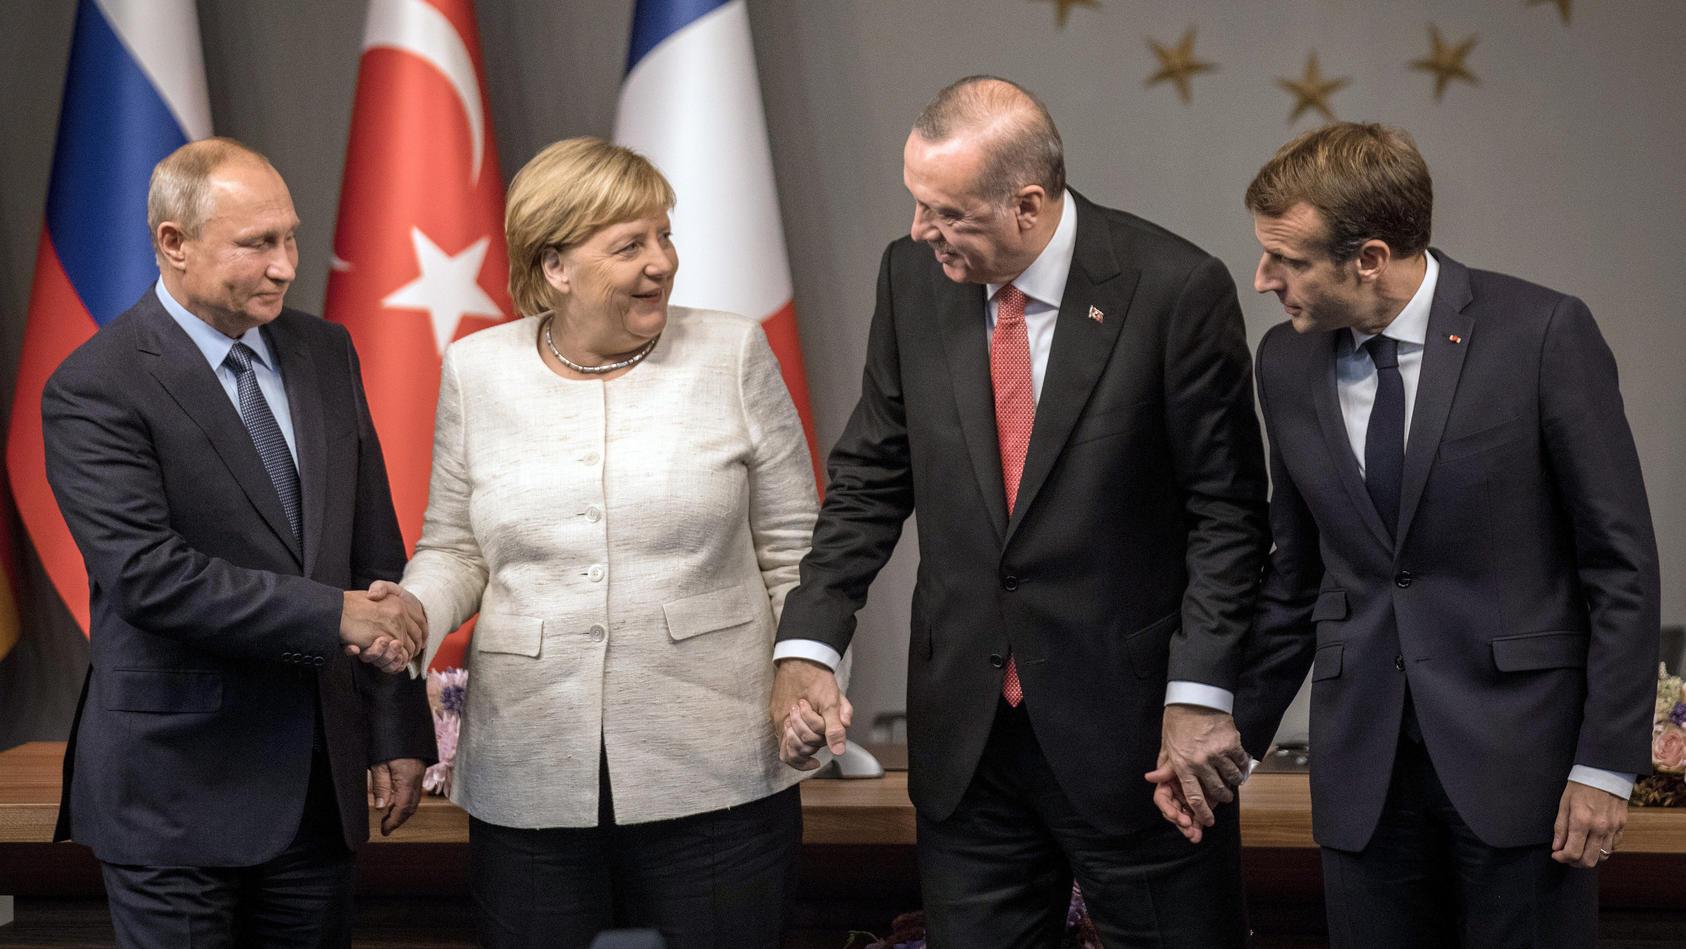 Symbolträchtiges Gruppenbild zum Abschluss des Syrien-Gipfels